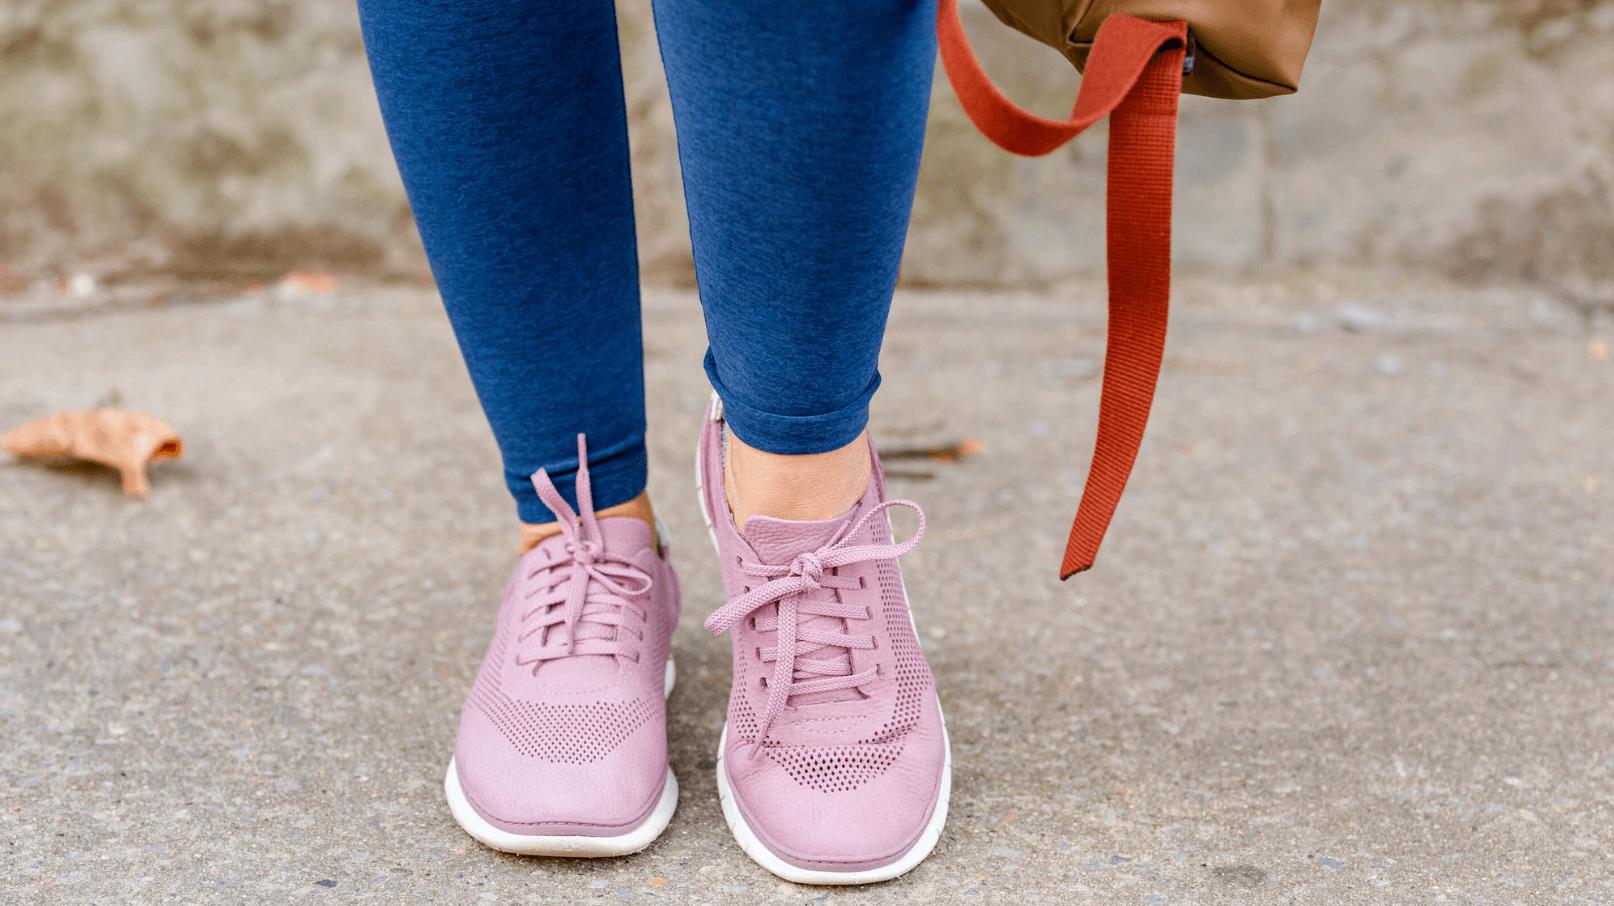 Apparis Coat Spacedye Leggings Vionic Sneakers Look by Modnitsa Styling